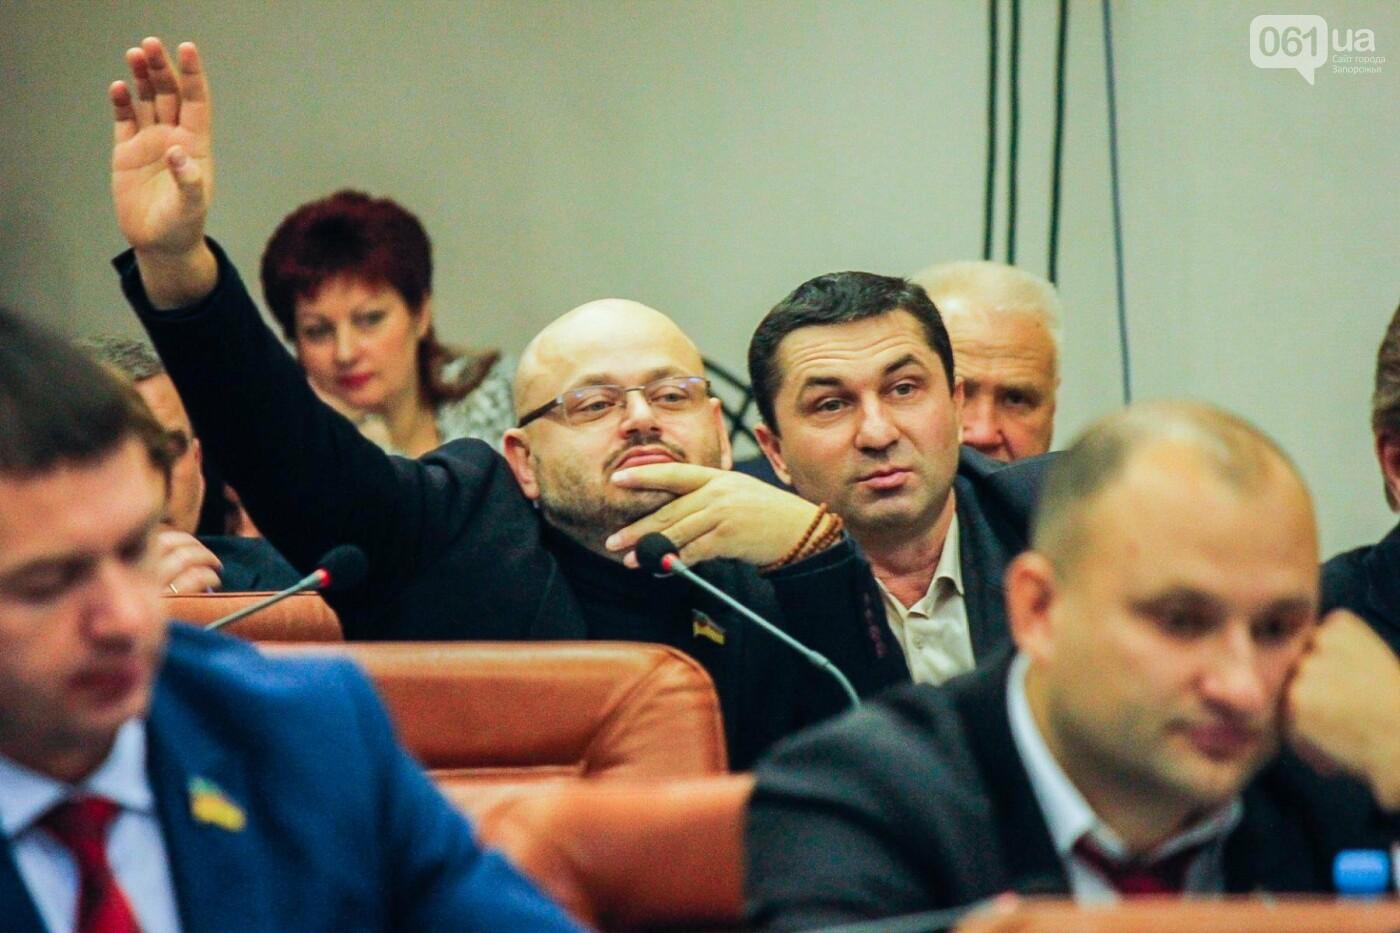 Сессия запорожского горсовета в лицах, - ФОТОРЕПОРТАЖ, фото-28